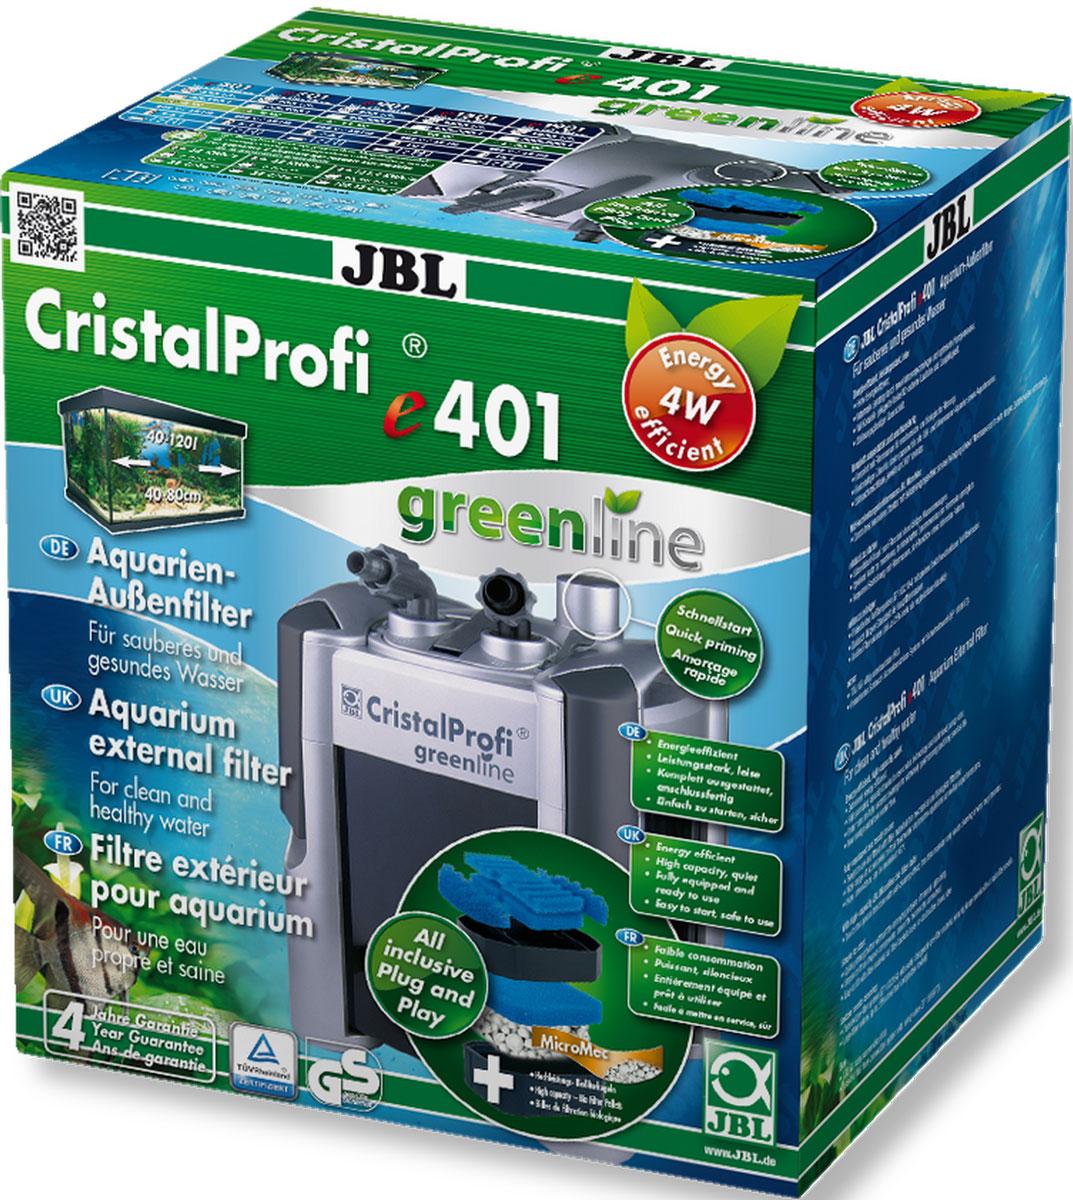 Фильтр внешний JBL CristalProfi e1401 greenline, для аквариума 40-120 л, 450 л/ч0120710Внешний аквариумный фильтр JBL CristalProfi e1401 greenline - это экономичный и в то же время мощный фильтр для чистой и здоровой воды в аквариуме. Большой объем и различные слои фильтрации обеспечивают высокую биологическую производительность фильтра. Шарики биофильтра имеют различный диаметр, что способствует эффекту самоочищения. Фильтр предназначен для аквариумов объемом 40-120 л (длина 40-80 см). Потребляемая мощность 4 Вт обеспечивает экономию энергии. При эффективной циркуляции воды фильтр потребляет на 31% меньше энергии, чем аналогичные предшественники. Запатентованный блок присоединения шлангов с предохранительным клапаном предотвращает утечку воды при отключении фильтра. Фильтр полностью оборудован и готов к подключению: встроенная система быстрого запуска означает запуск фильтра без всасывания воды. Простая сборка. Фильтрующий материал также в комплекте. Очень тихая работа при производительности насоса 450 л/ч. Запатентованный префильтр: высокая производительность биофильтра объемом 4,6 л, запорный кран, соединение шланга с возможностью поворота на 360°, легко заменяемые фильтрующие материалы. Остатки растений, корма и продукты обмена веществ ухудшают качество воды в аквариуме. Хорошее качество воды необходимо для укрепления здоровья рыб и растений. Этого можно достичь с помощью аквариумного фильтра. Фильтр забирает воду из аквариума и устраняет грязь и отходы из воды. Фильтры также предоставляют бактериям, разлагающим загрязняющие вещества, идеальную среду обитания. В комплекте: внешний аквариумный фильтр, шланги, трубки 12/16, защитная решетка, уголок, присоски, фильтрующие материалы (шарики и губка биологический фильтрации).